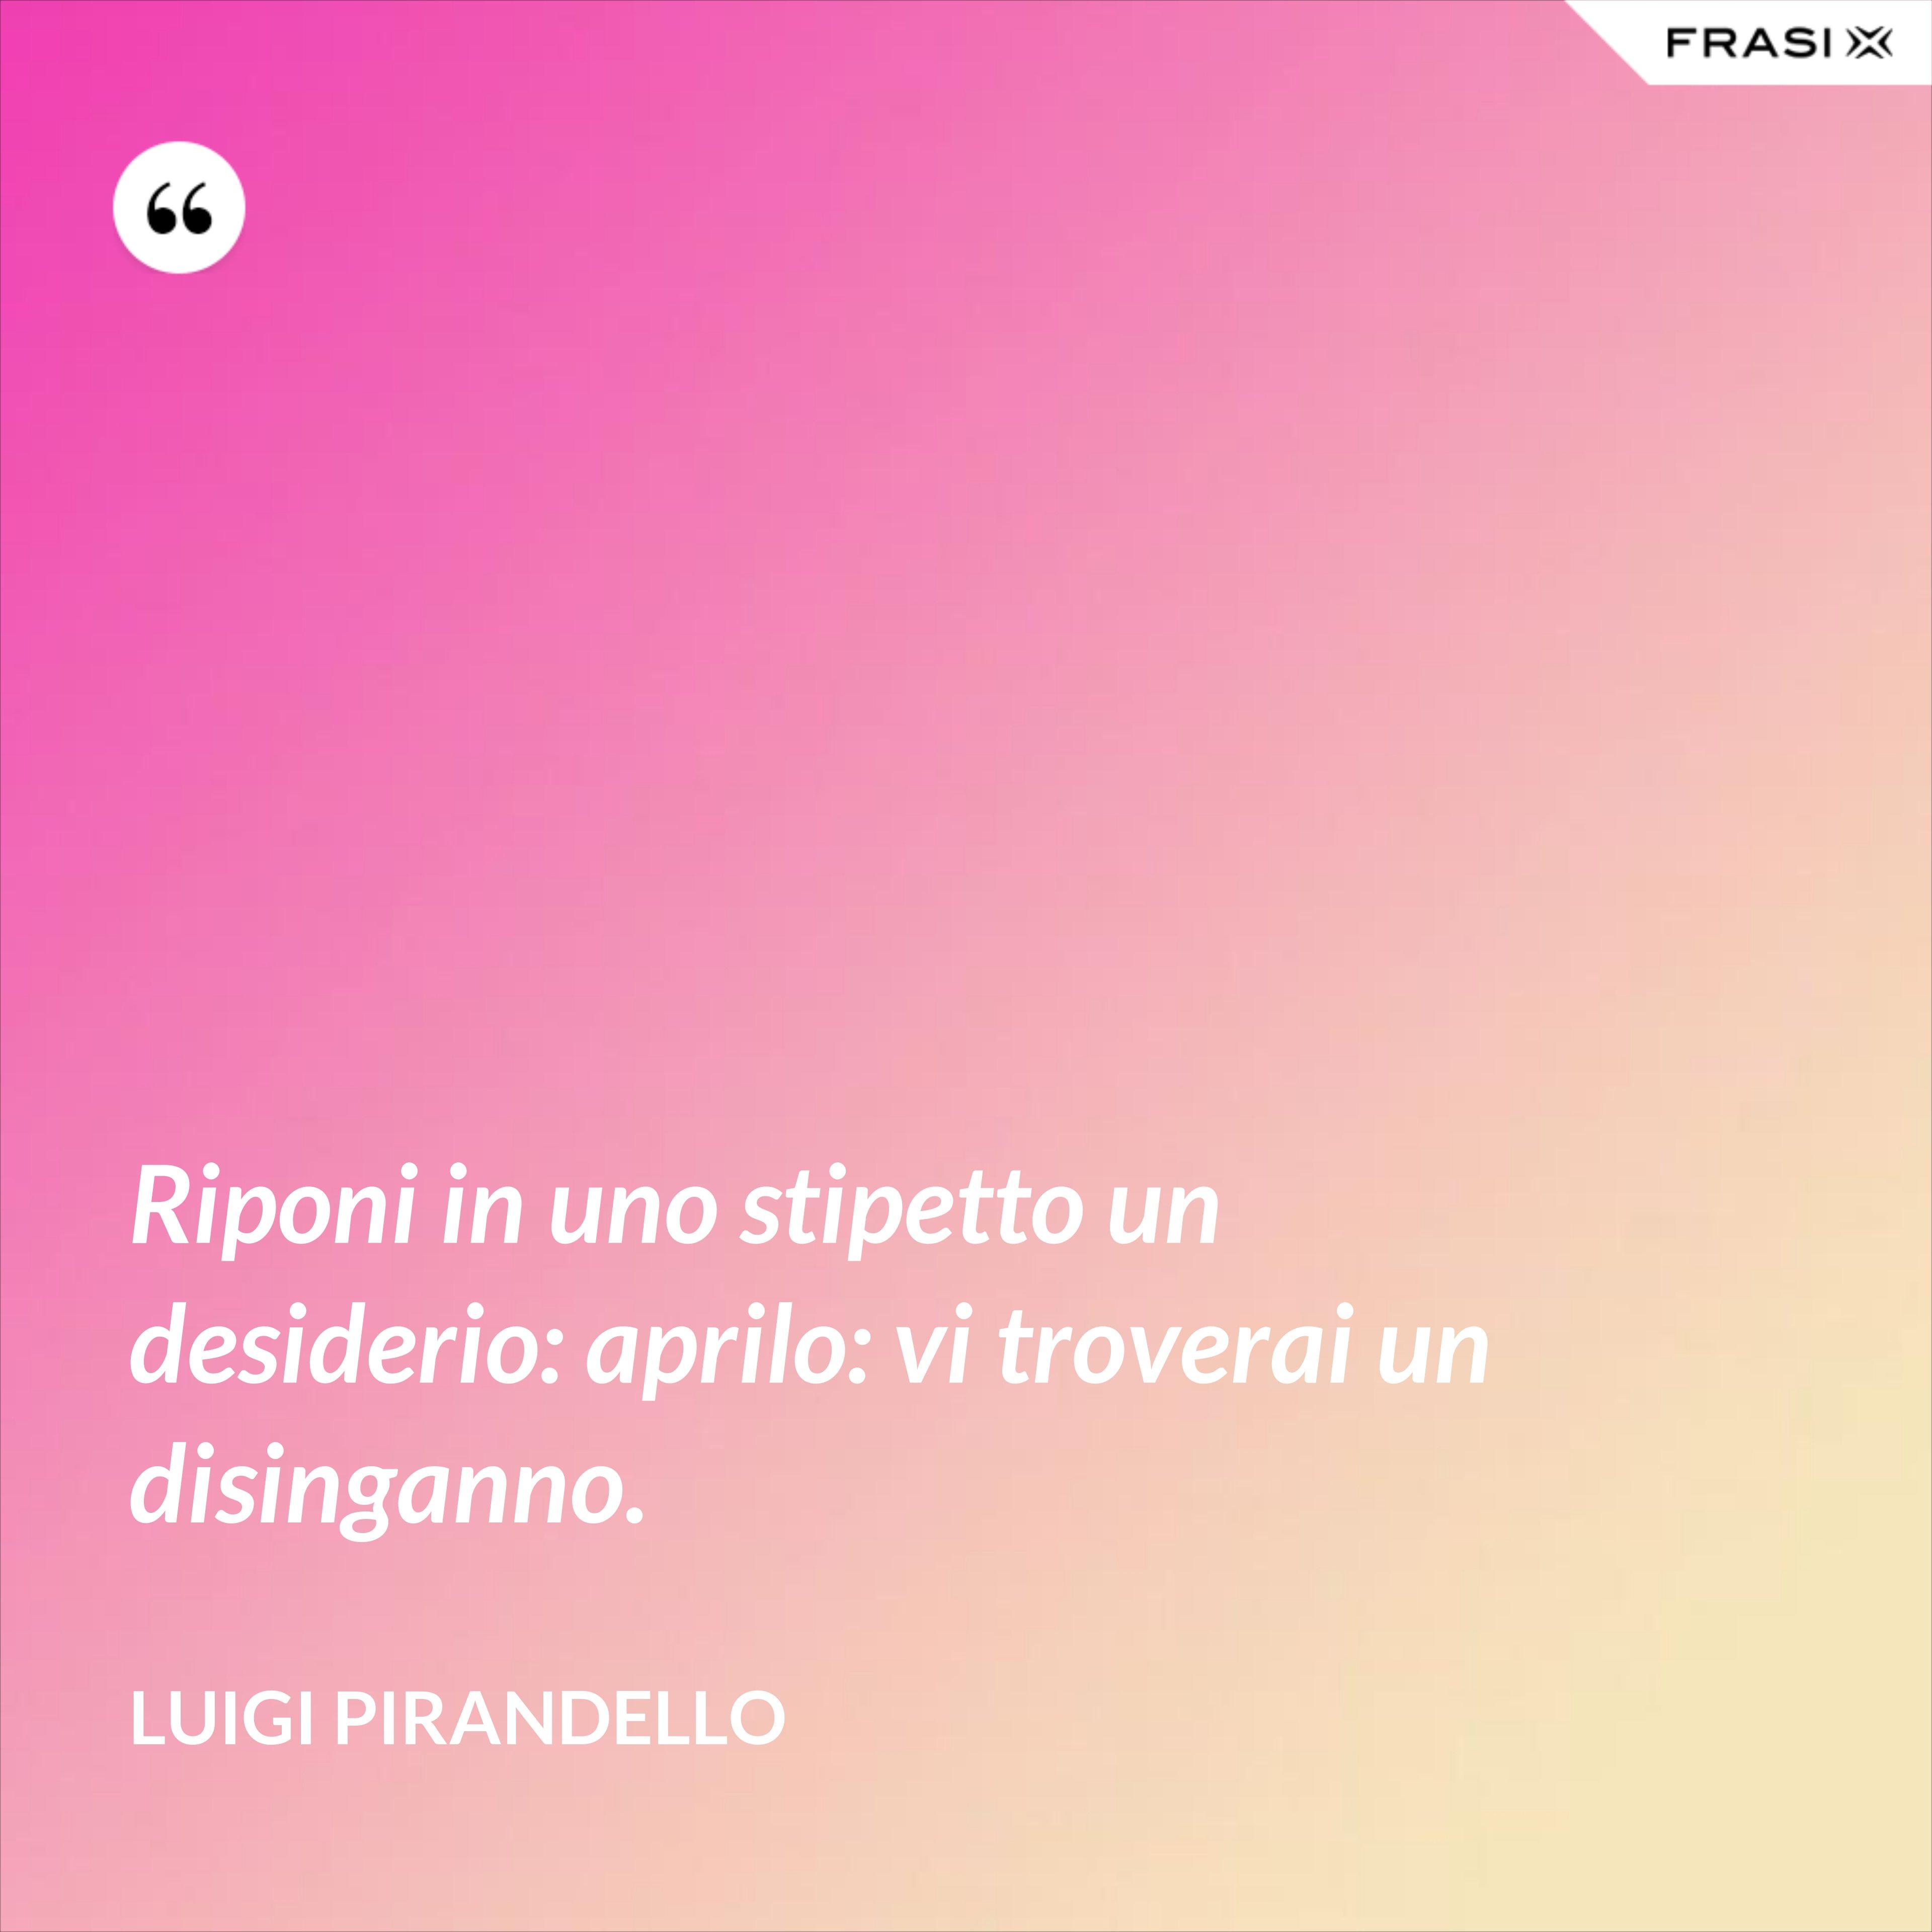 Riponi in uno stipetto un desiderio: aprilo: vi troverai un disinganno. - Luigi Pirandello